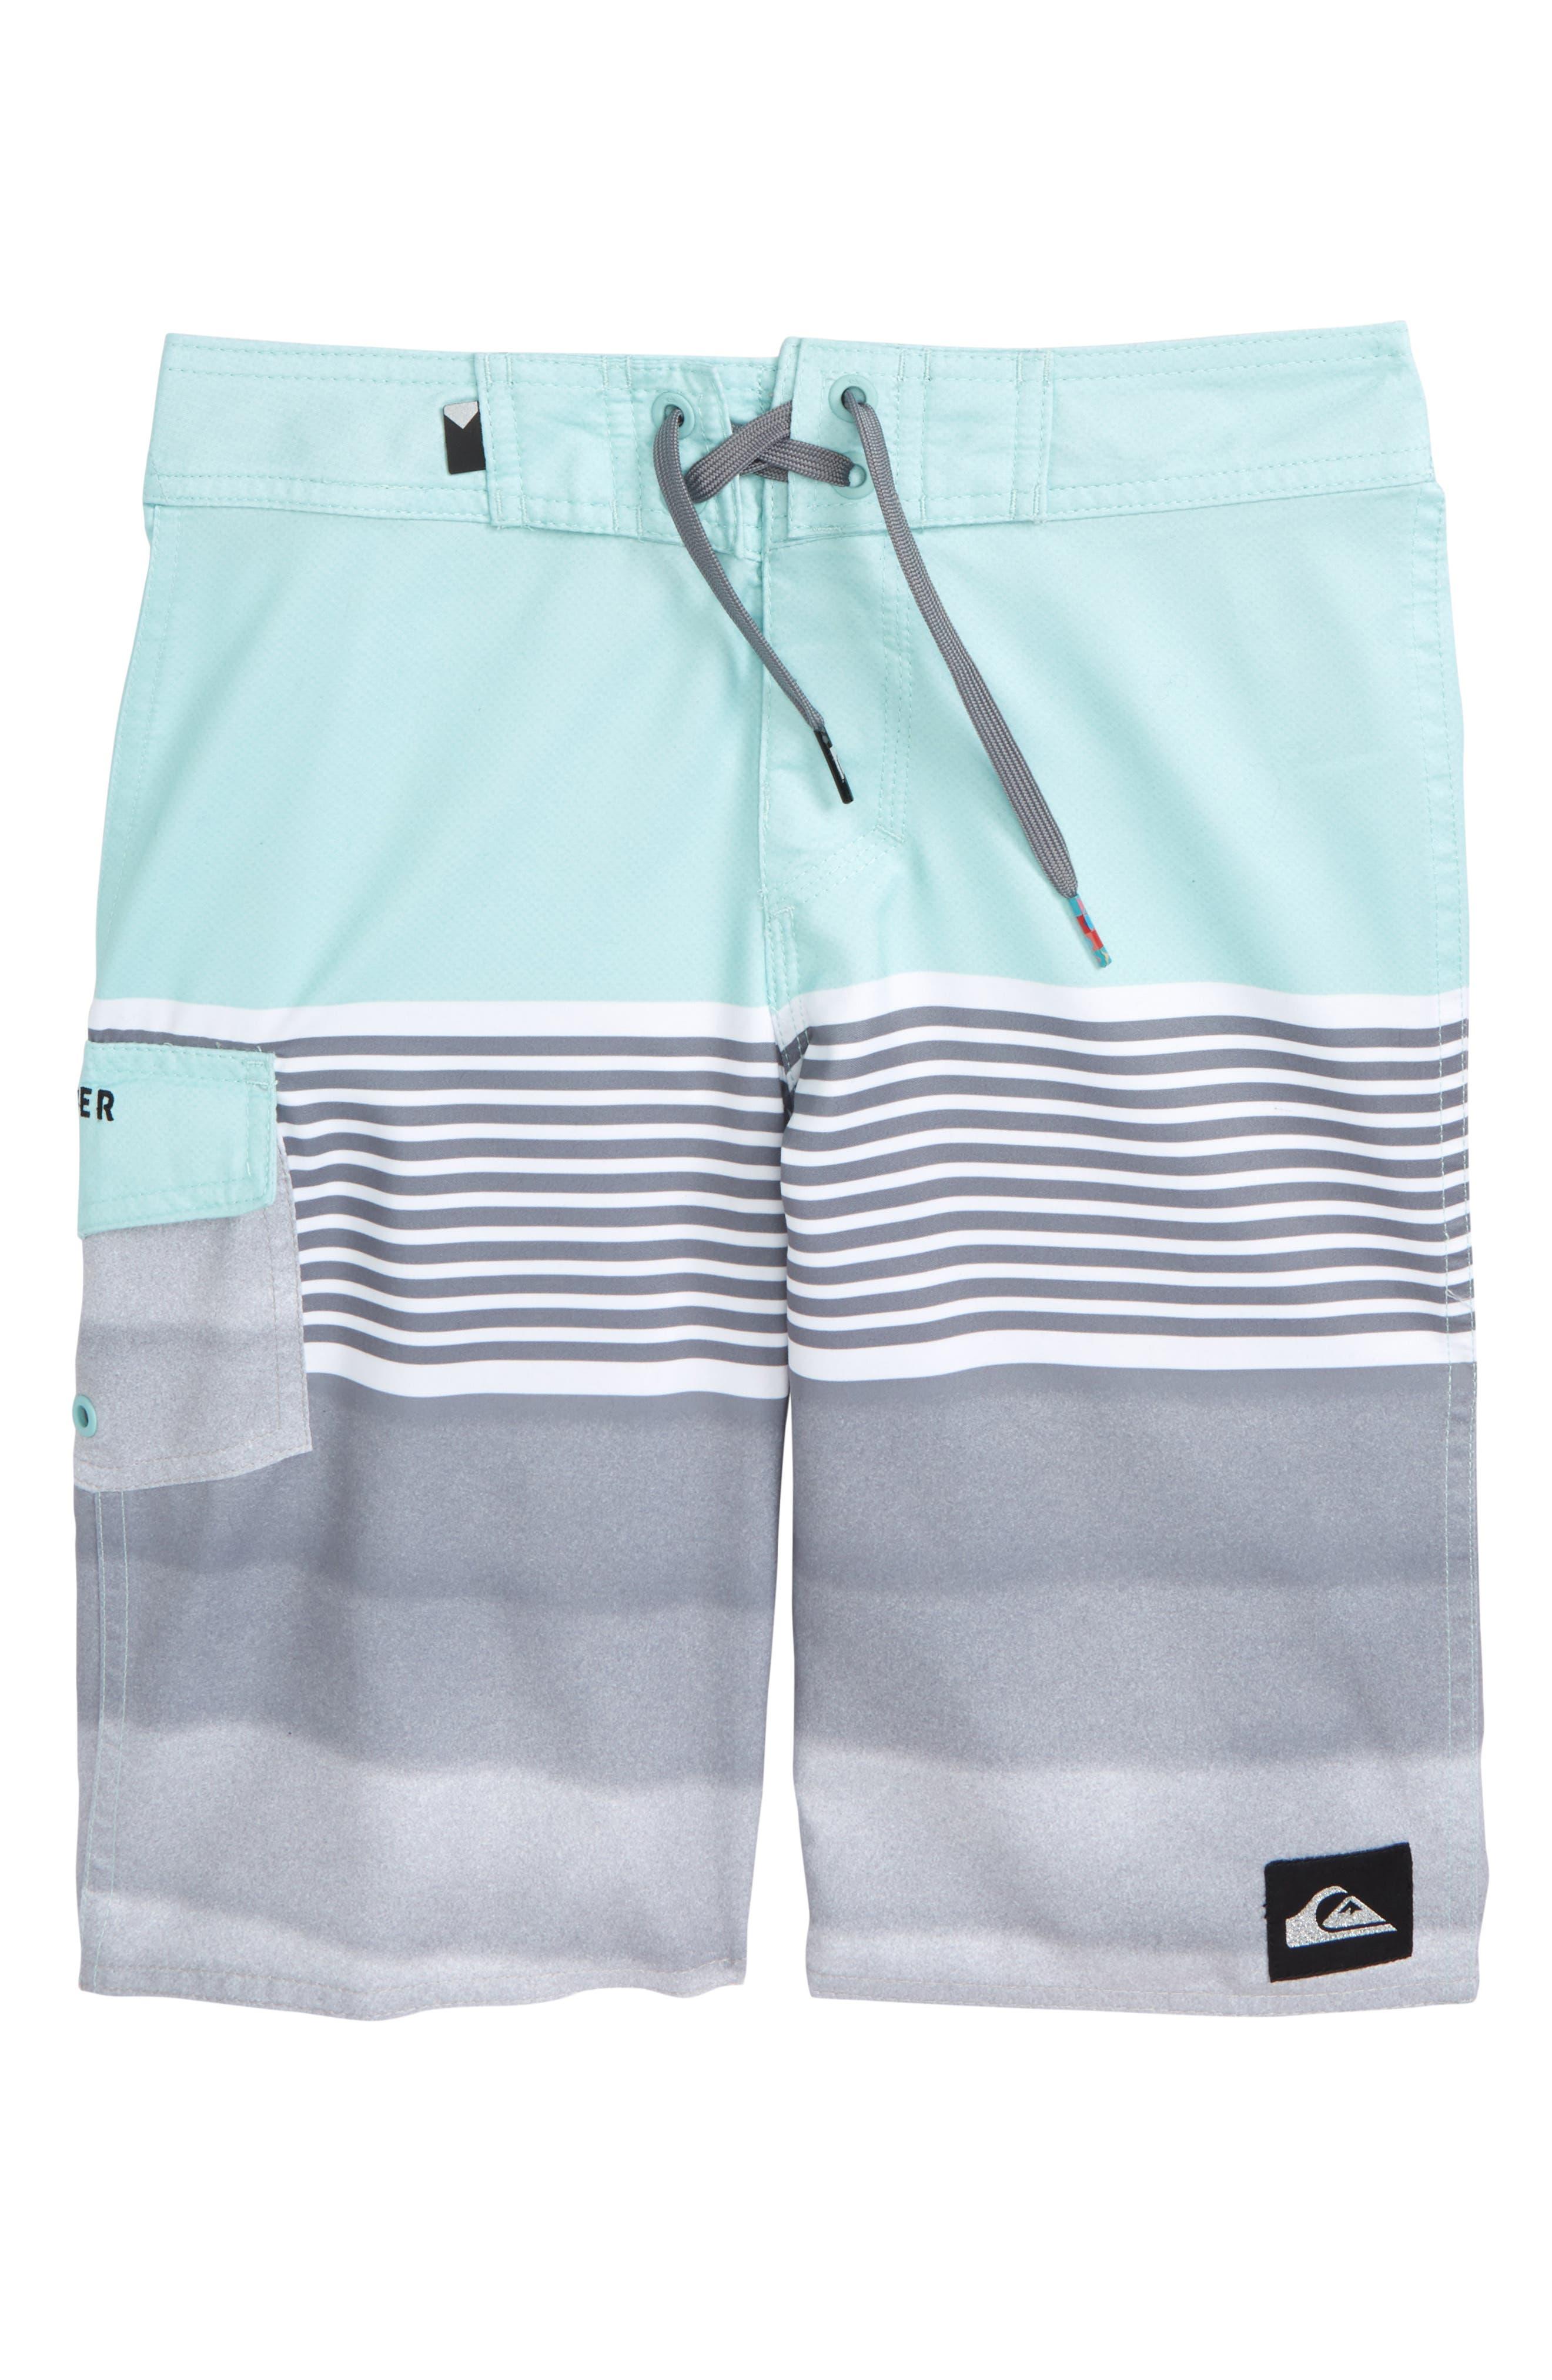 Division Board Shorts,                         Main,                         color, 401